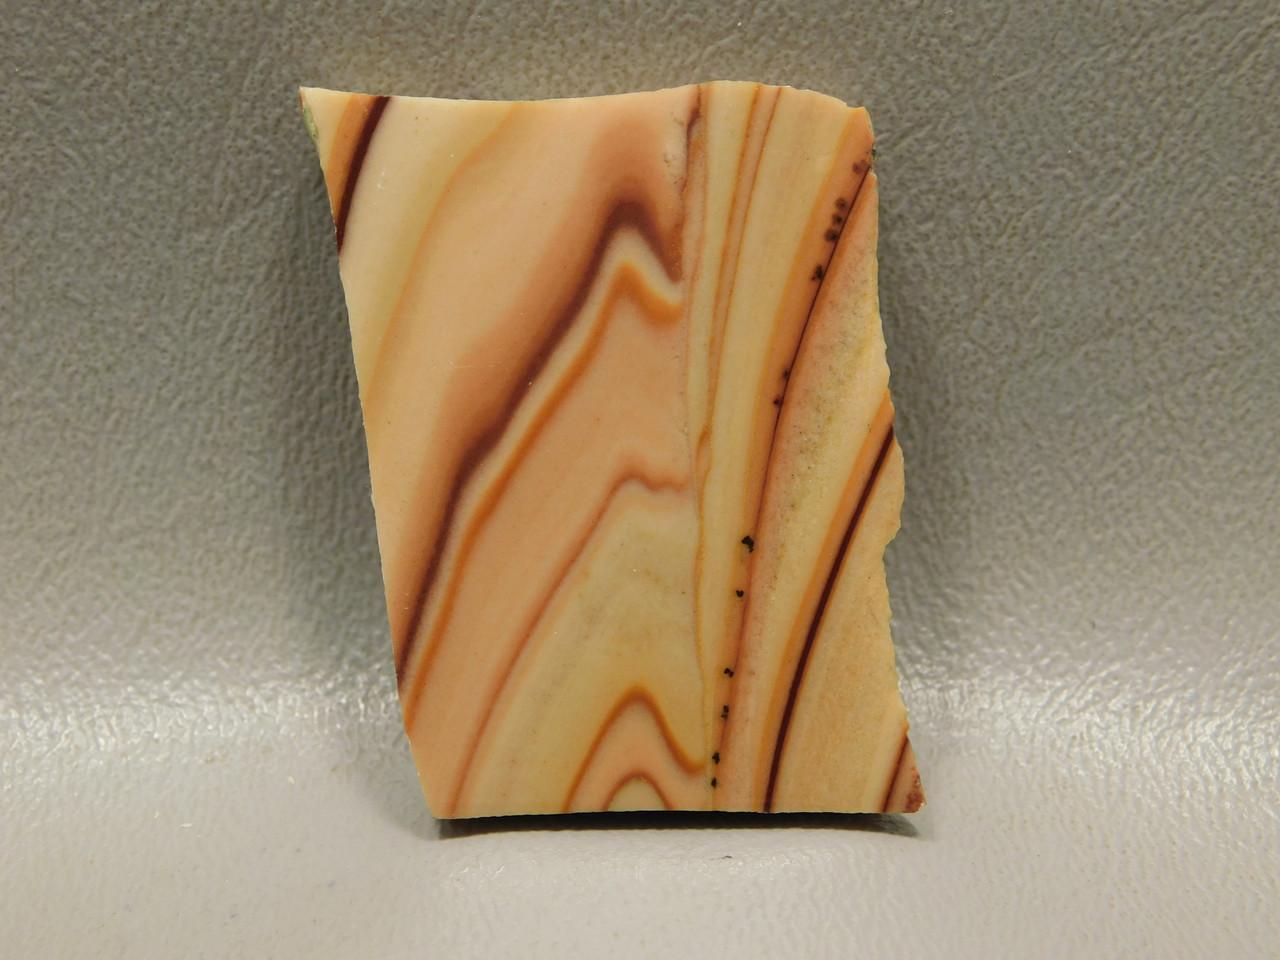 Wave Dolomite Semiprecious Stone Small Slab Cabochon #S12